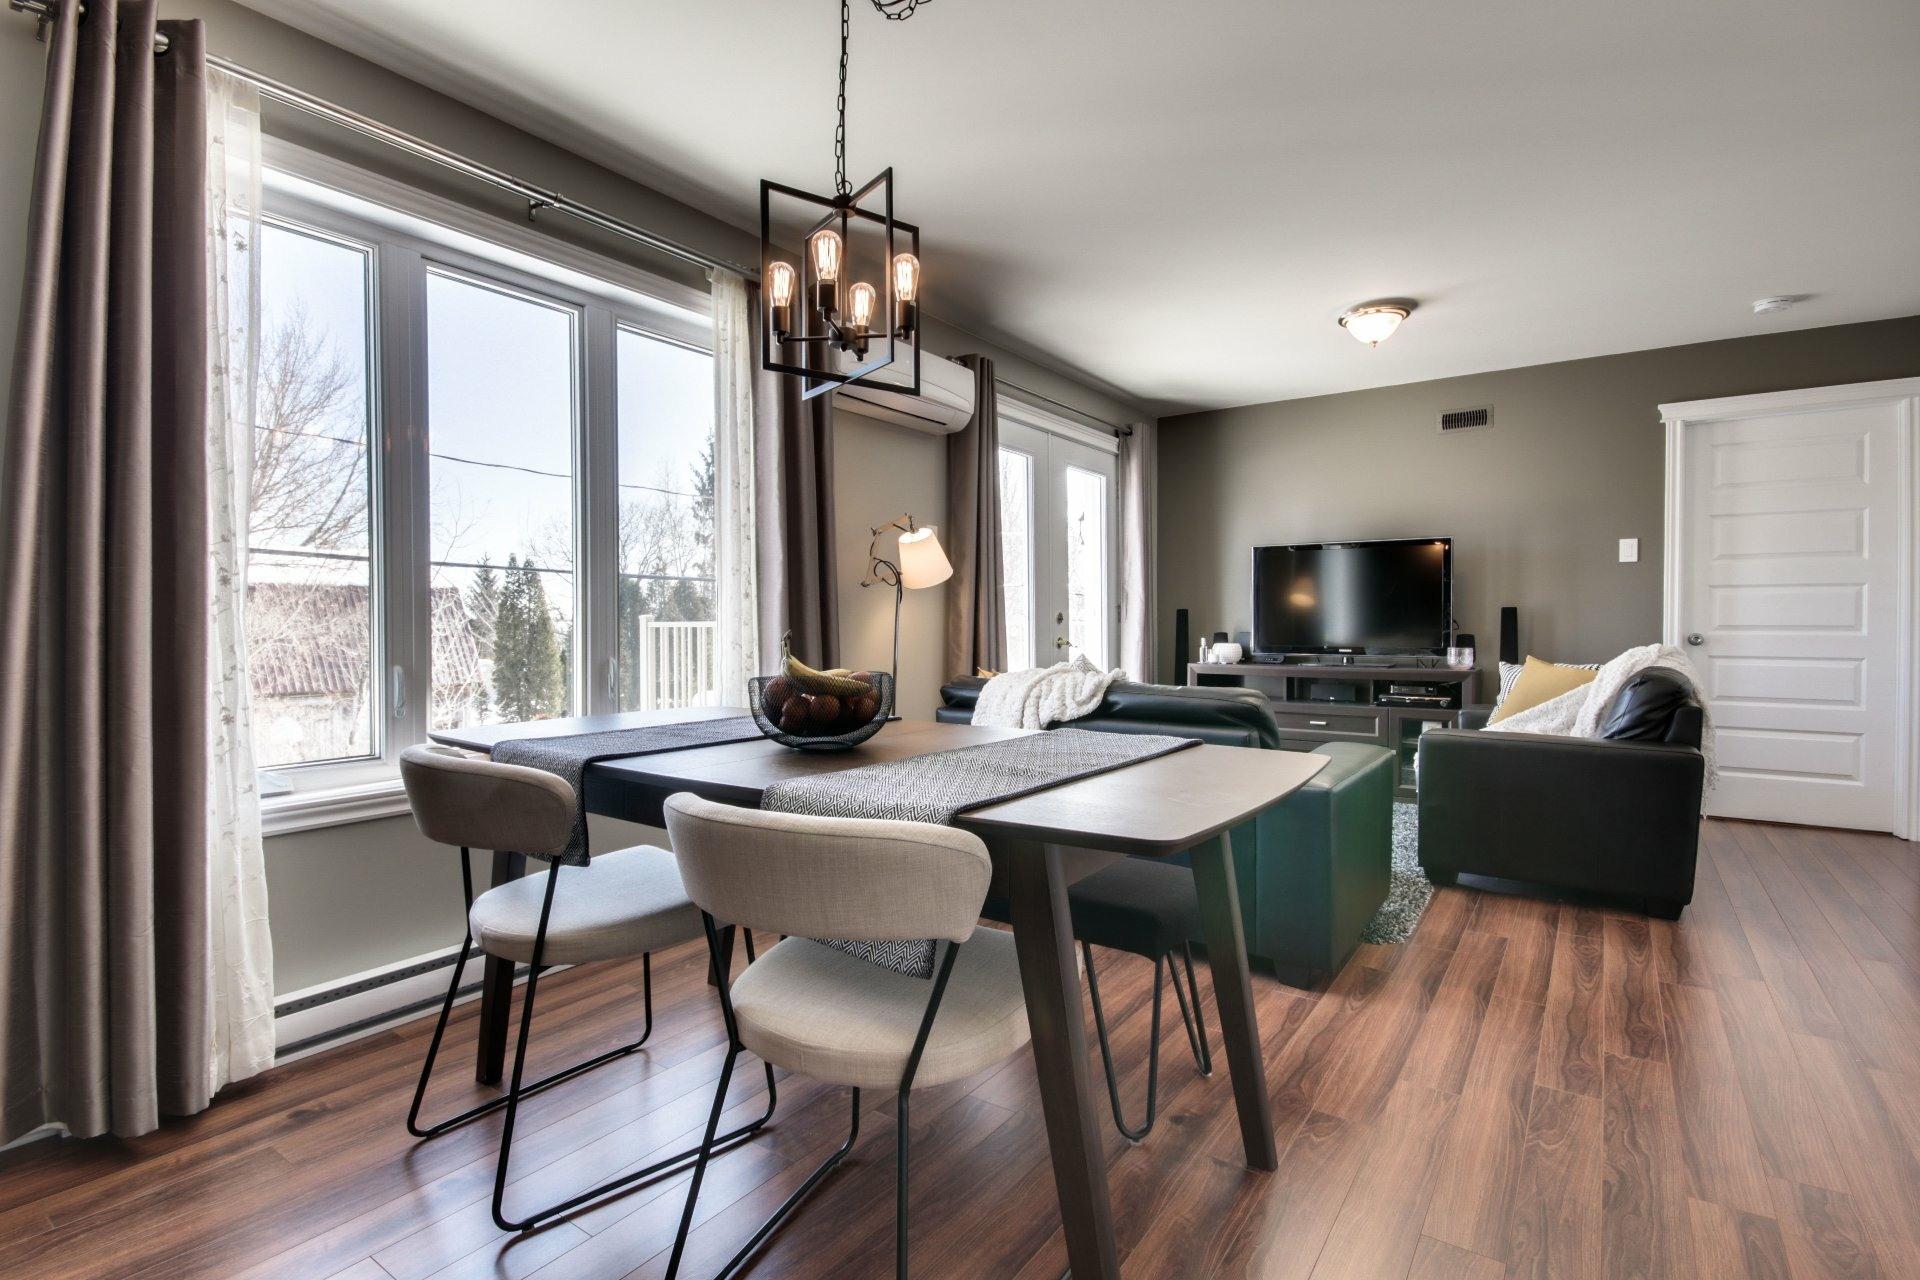 image 11 - Apartment For sale Trois-Rivières - 6 rooms